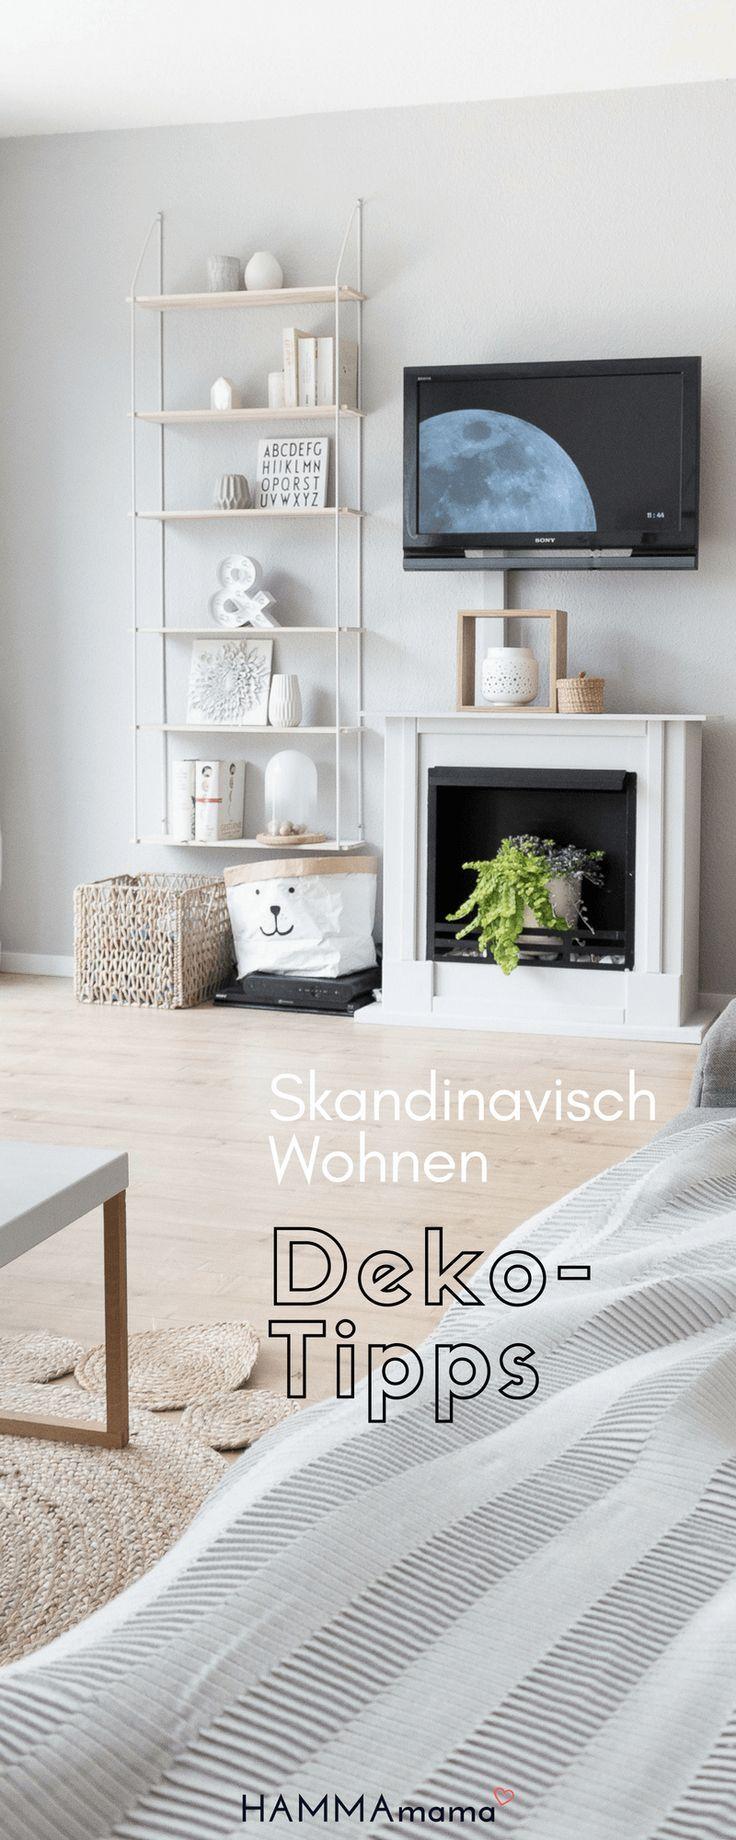 Photo of Willkommen in unserem Wohnzimmer ° Nach wie vor im skandinavischen Stil, jetzt aber mit Sommer-Update